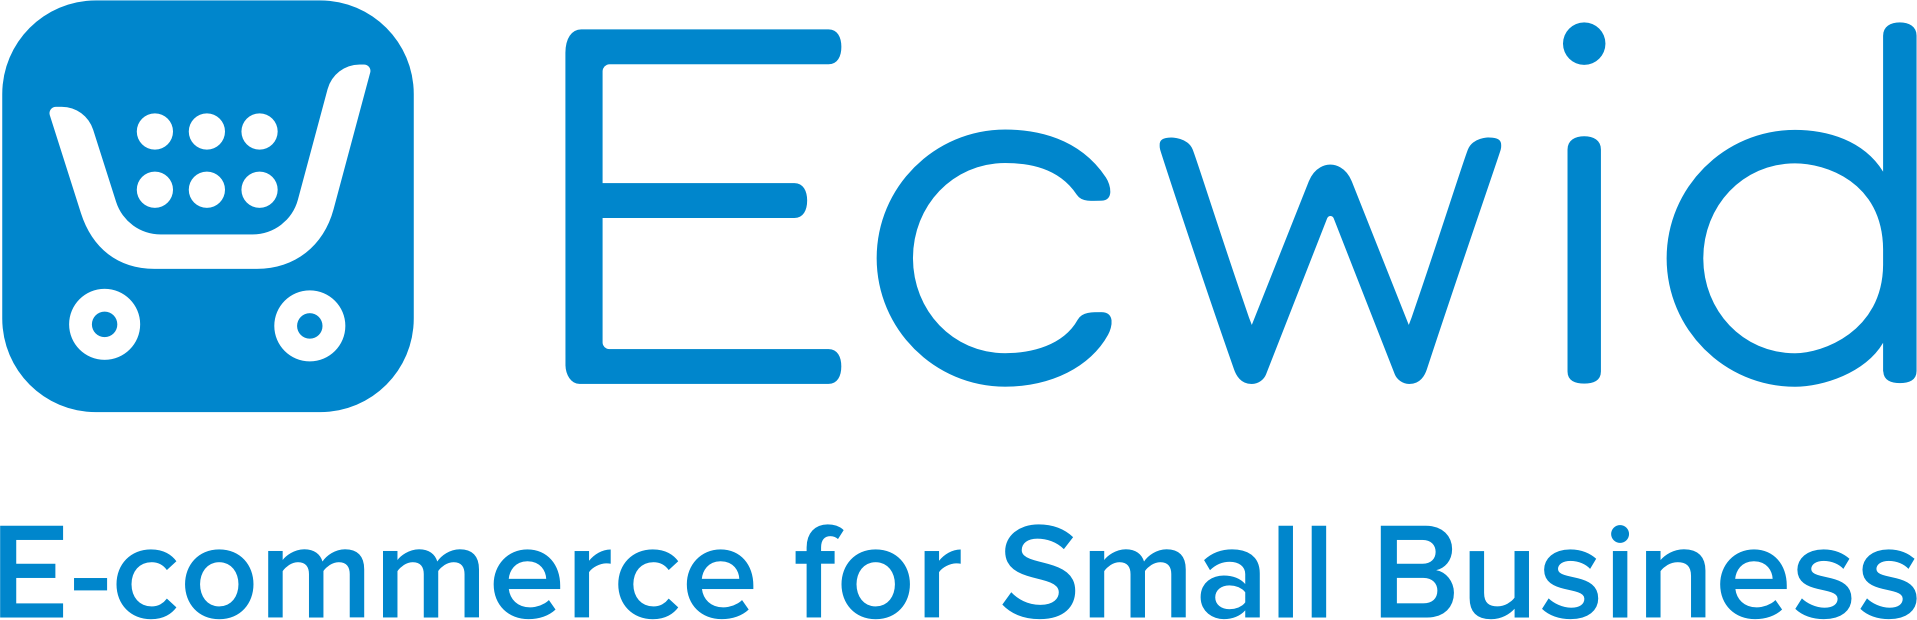 Bildergebnis für ecwid logo